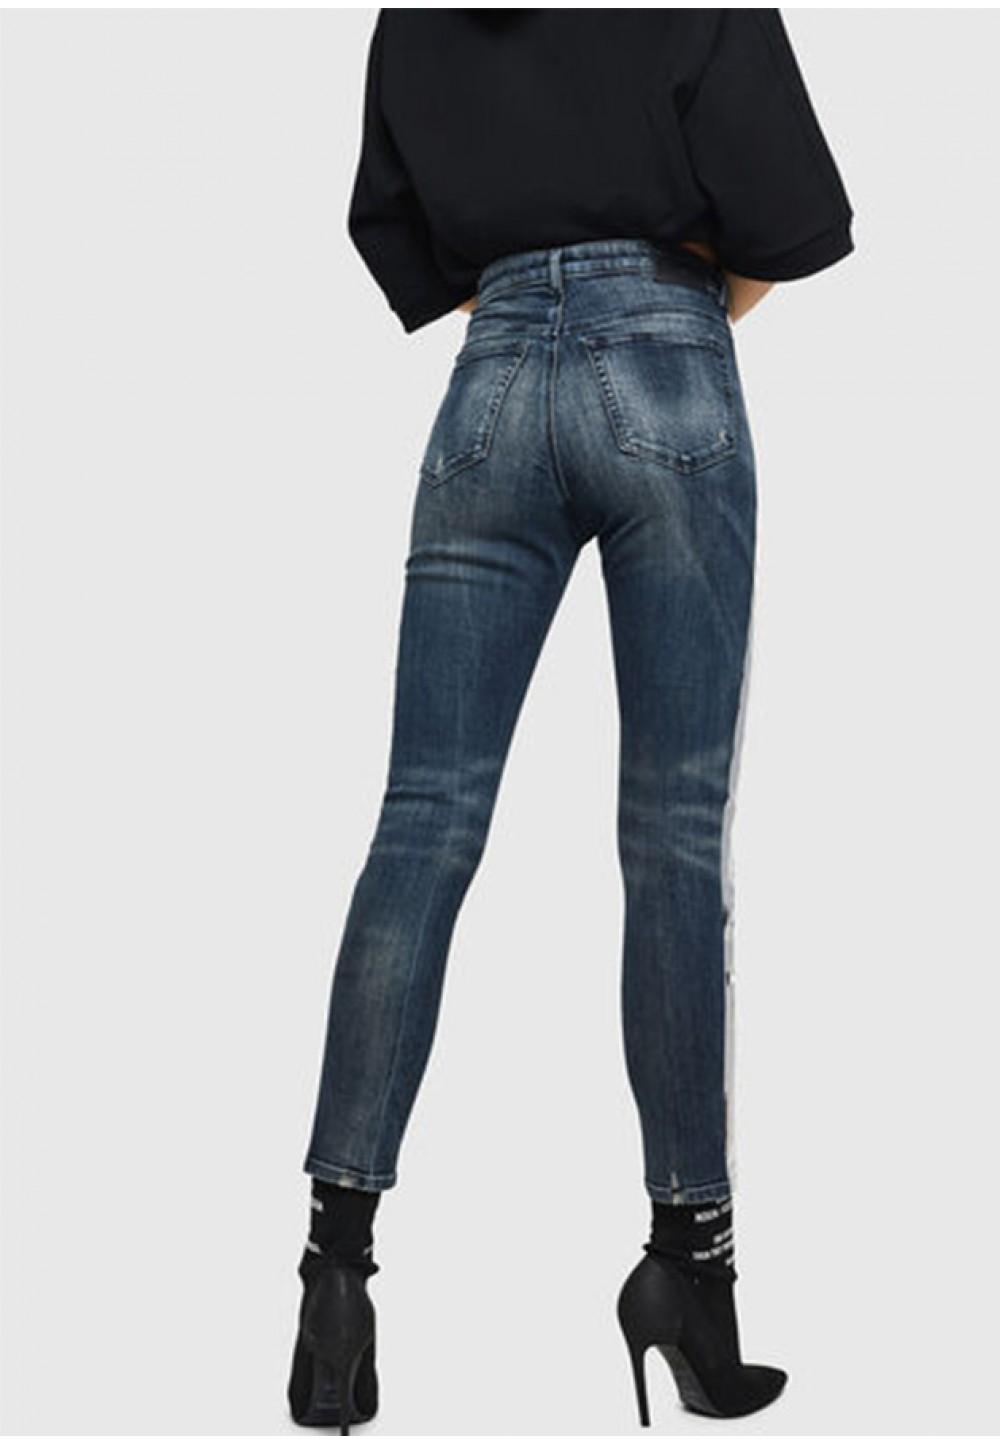 Вузькі жіночі джинси